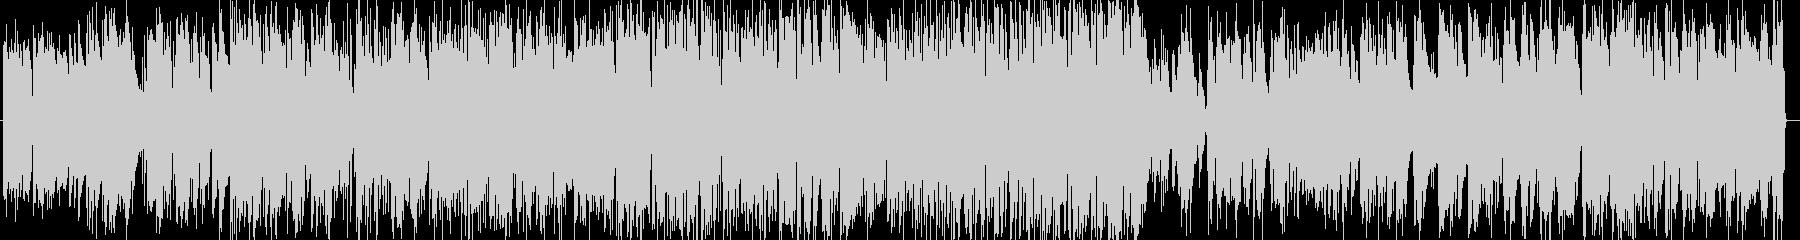 さわやかで軽快なピアノトリオの未再生の波形